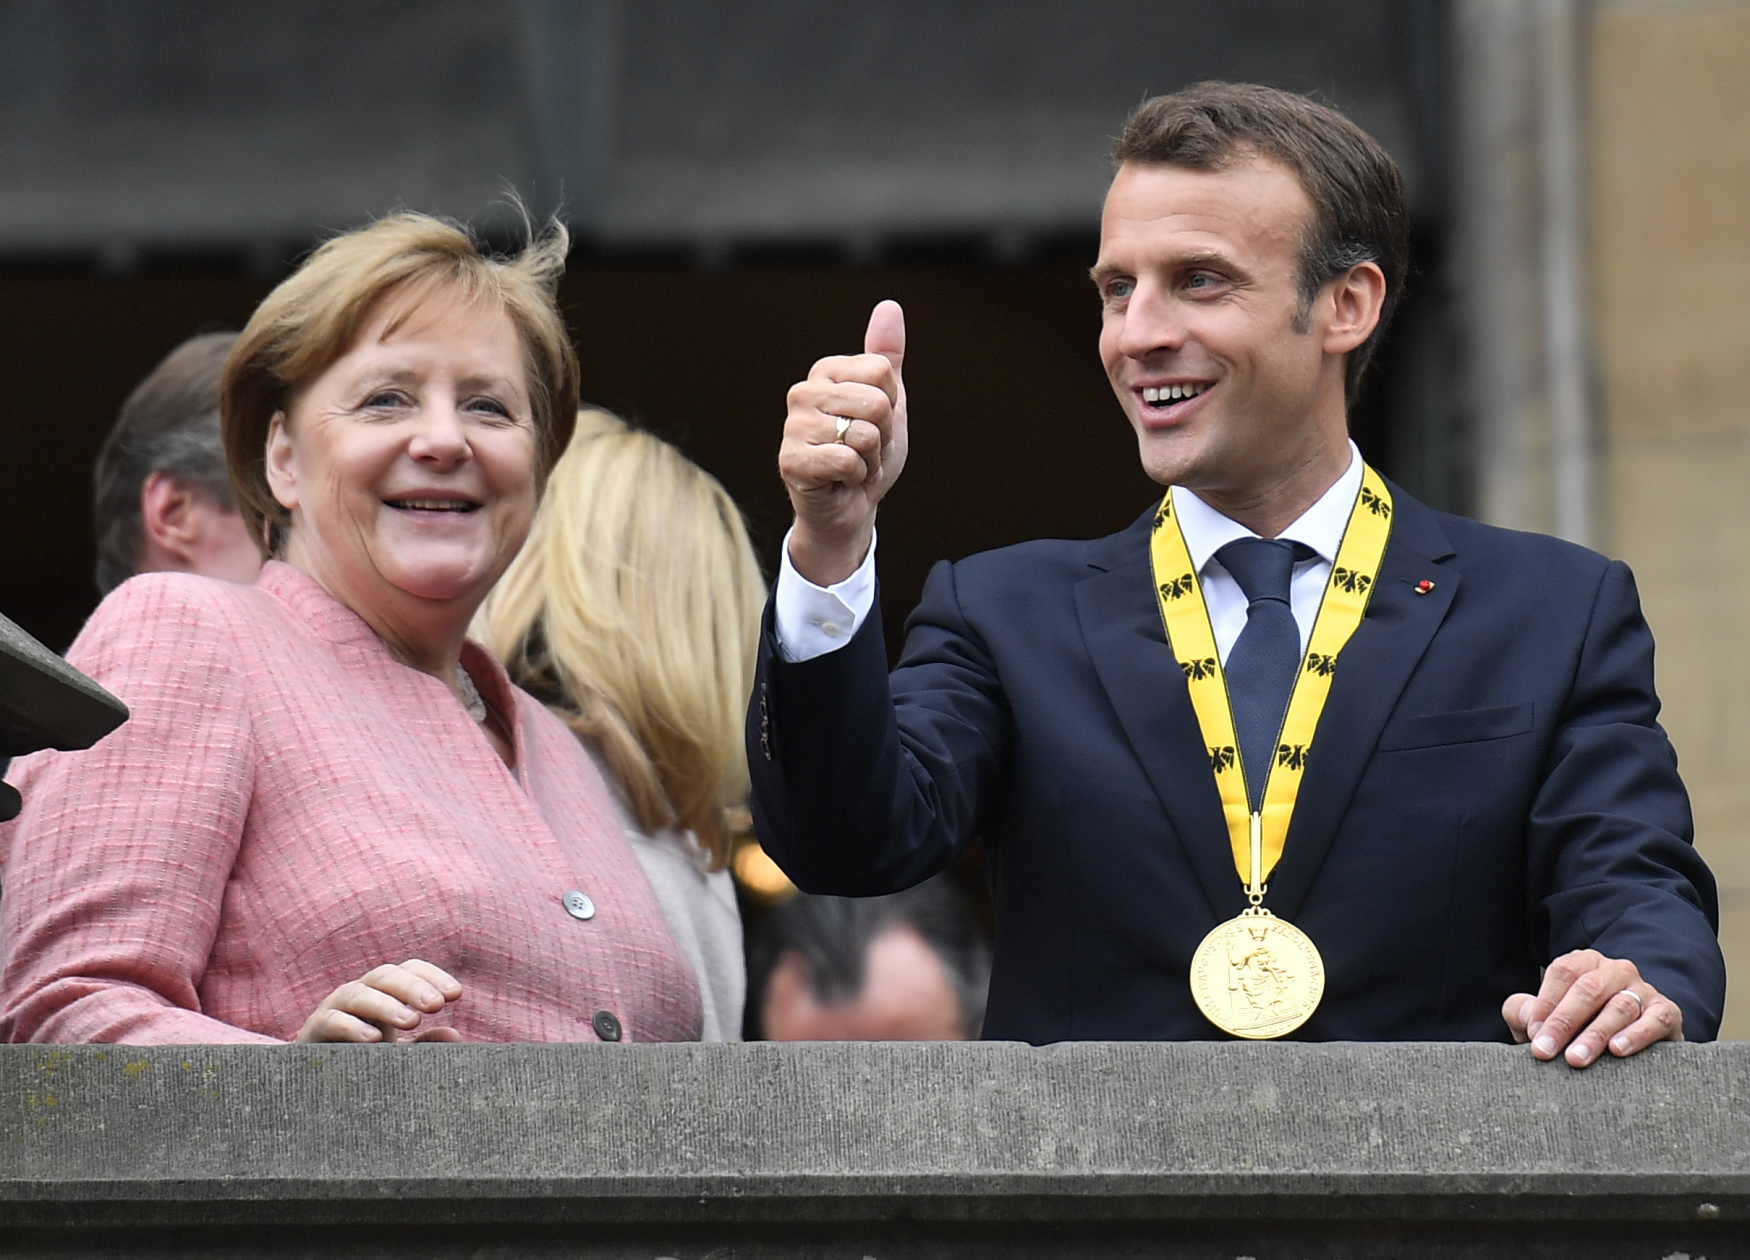 Německá kancléřka Angela Merkelová a francouzský prezident Emmanuel Macron v německých Cáchách